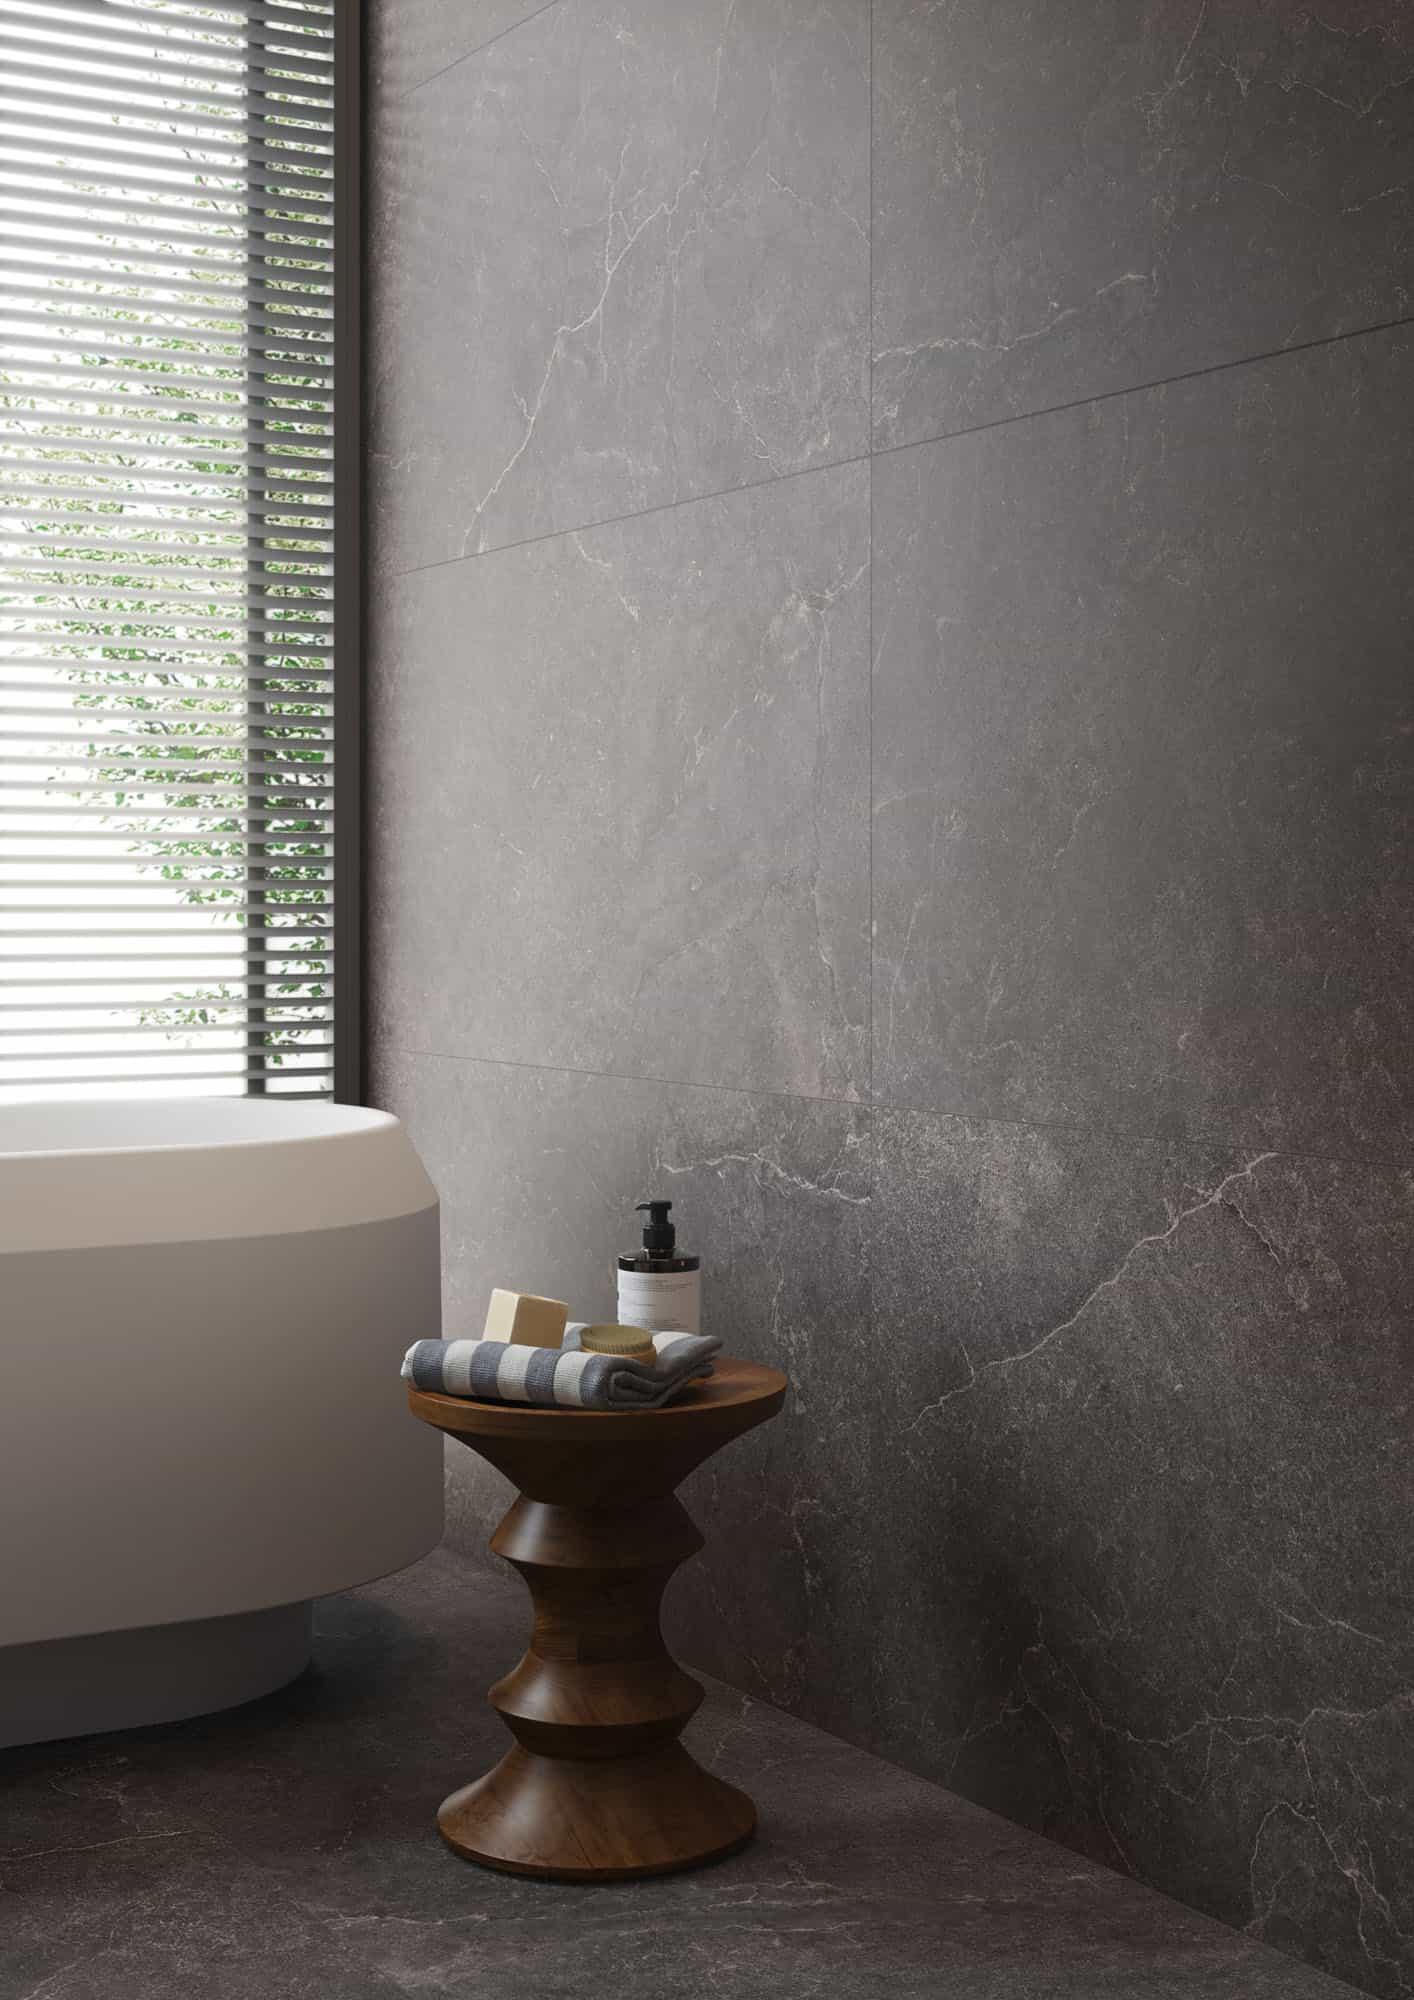 Wandtegels 90x90 - Lithos Carbon - Naturale